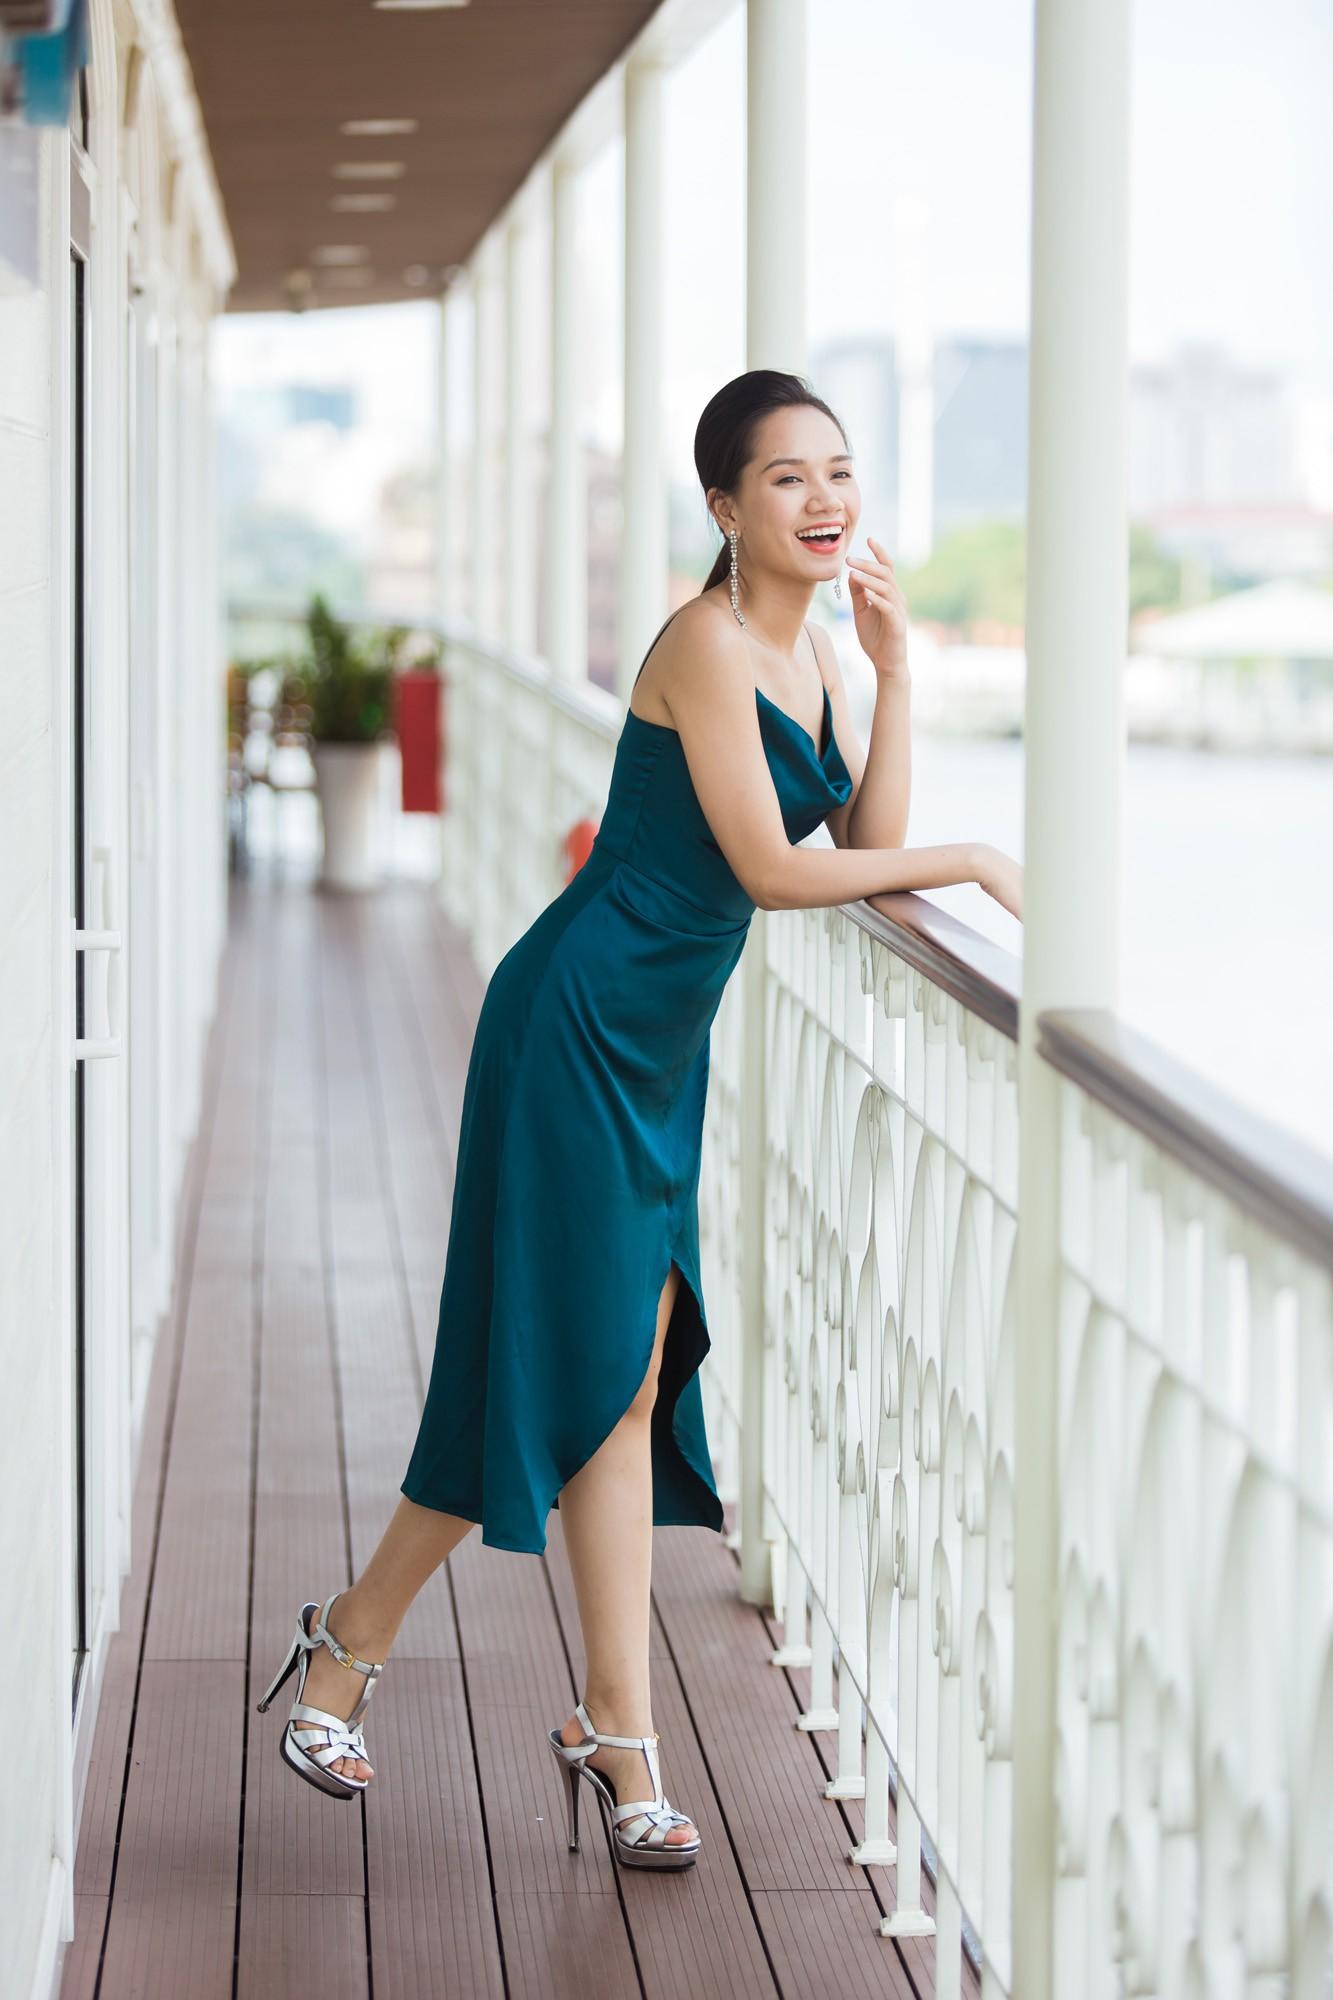 Từ cô Hoa hậu bị hoài nghi, Tiểu Vy hôm nay đứng trước Top thí sinh Miss World đầy bản lĩnh và thần thái - Ảnh 15.